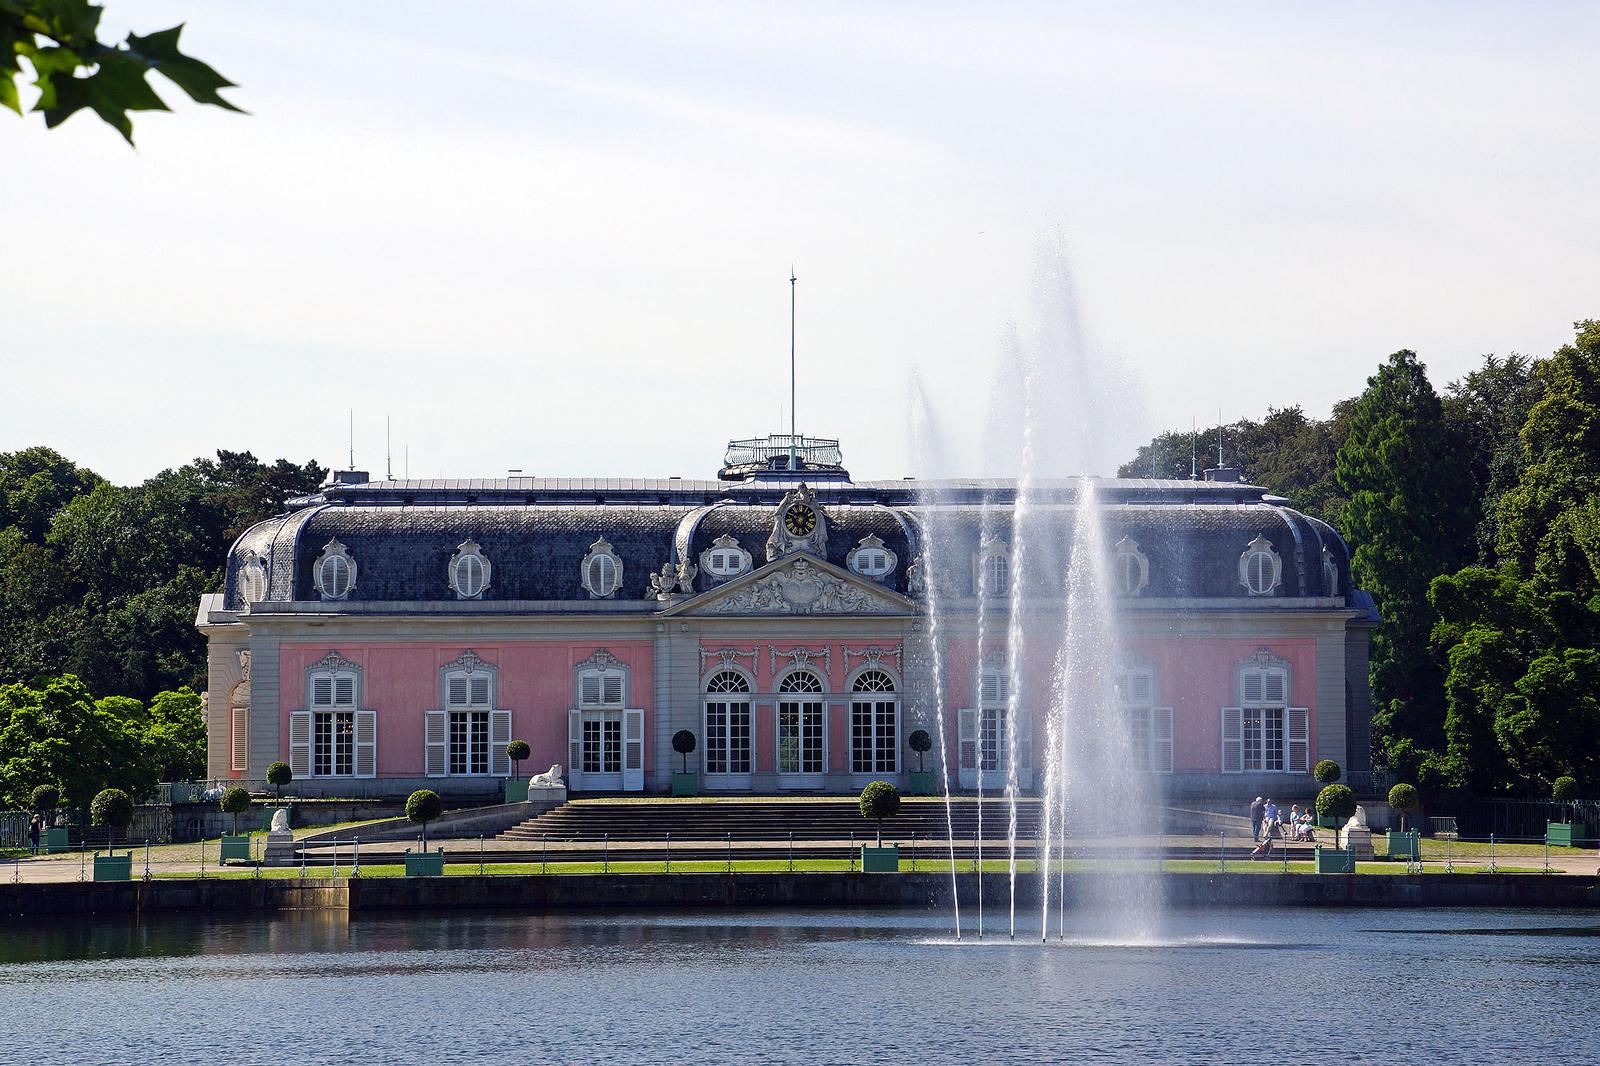 Галерея: Интересные места Германии: дворец Бенрат рис 3